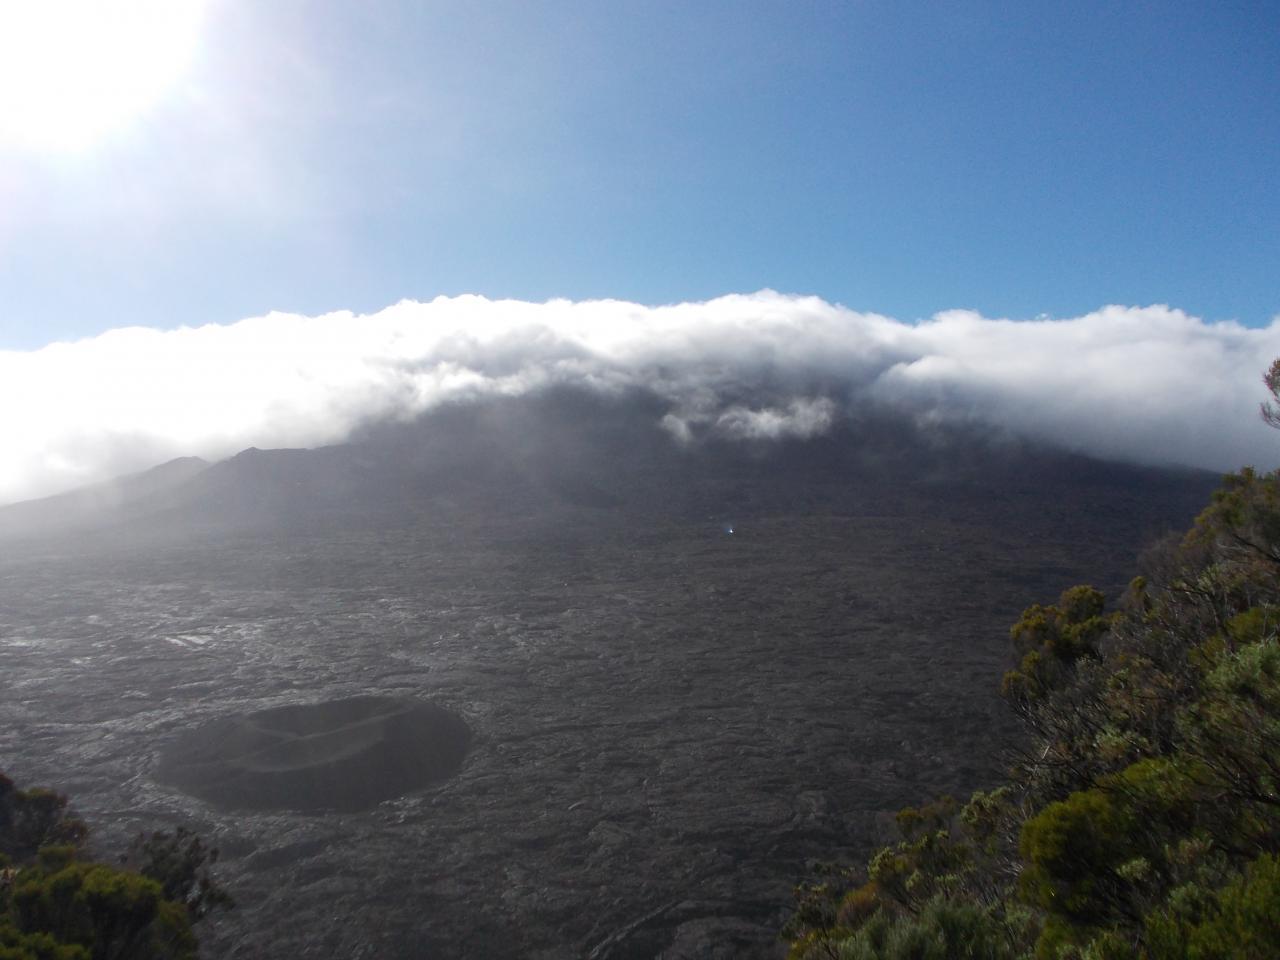 Plaine du volcan, Piton de la Fournaise. Réunion island'